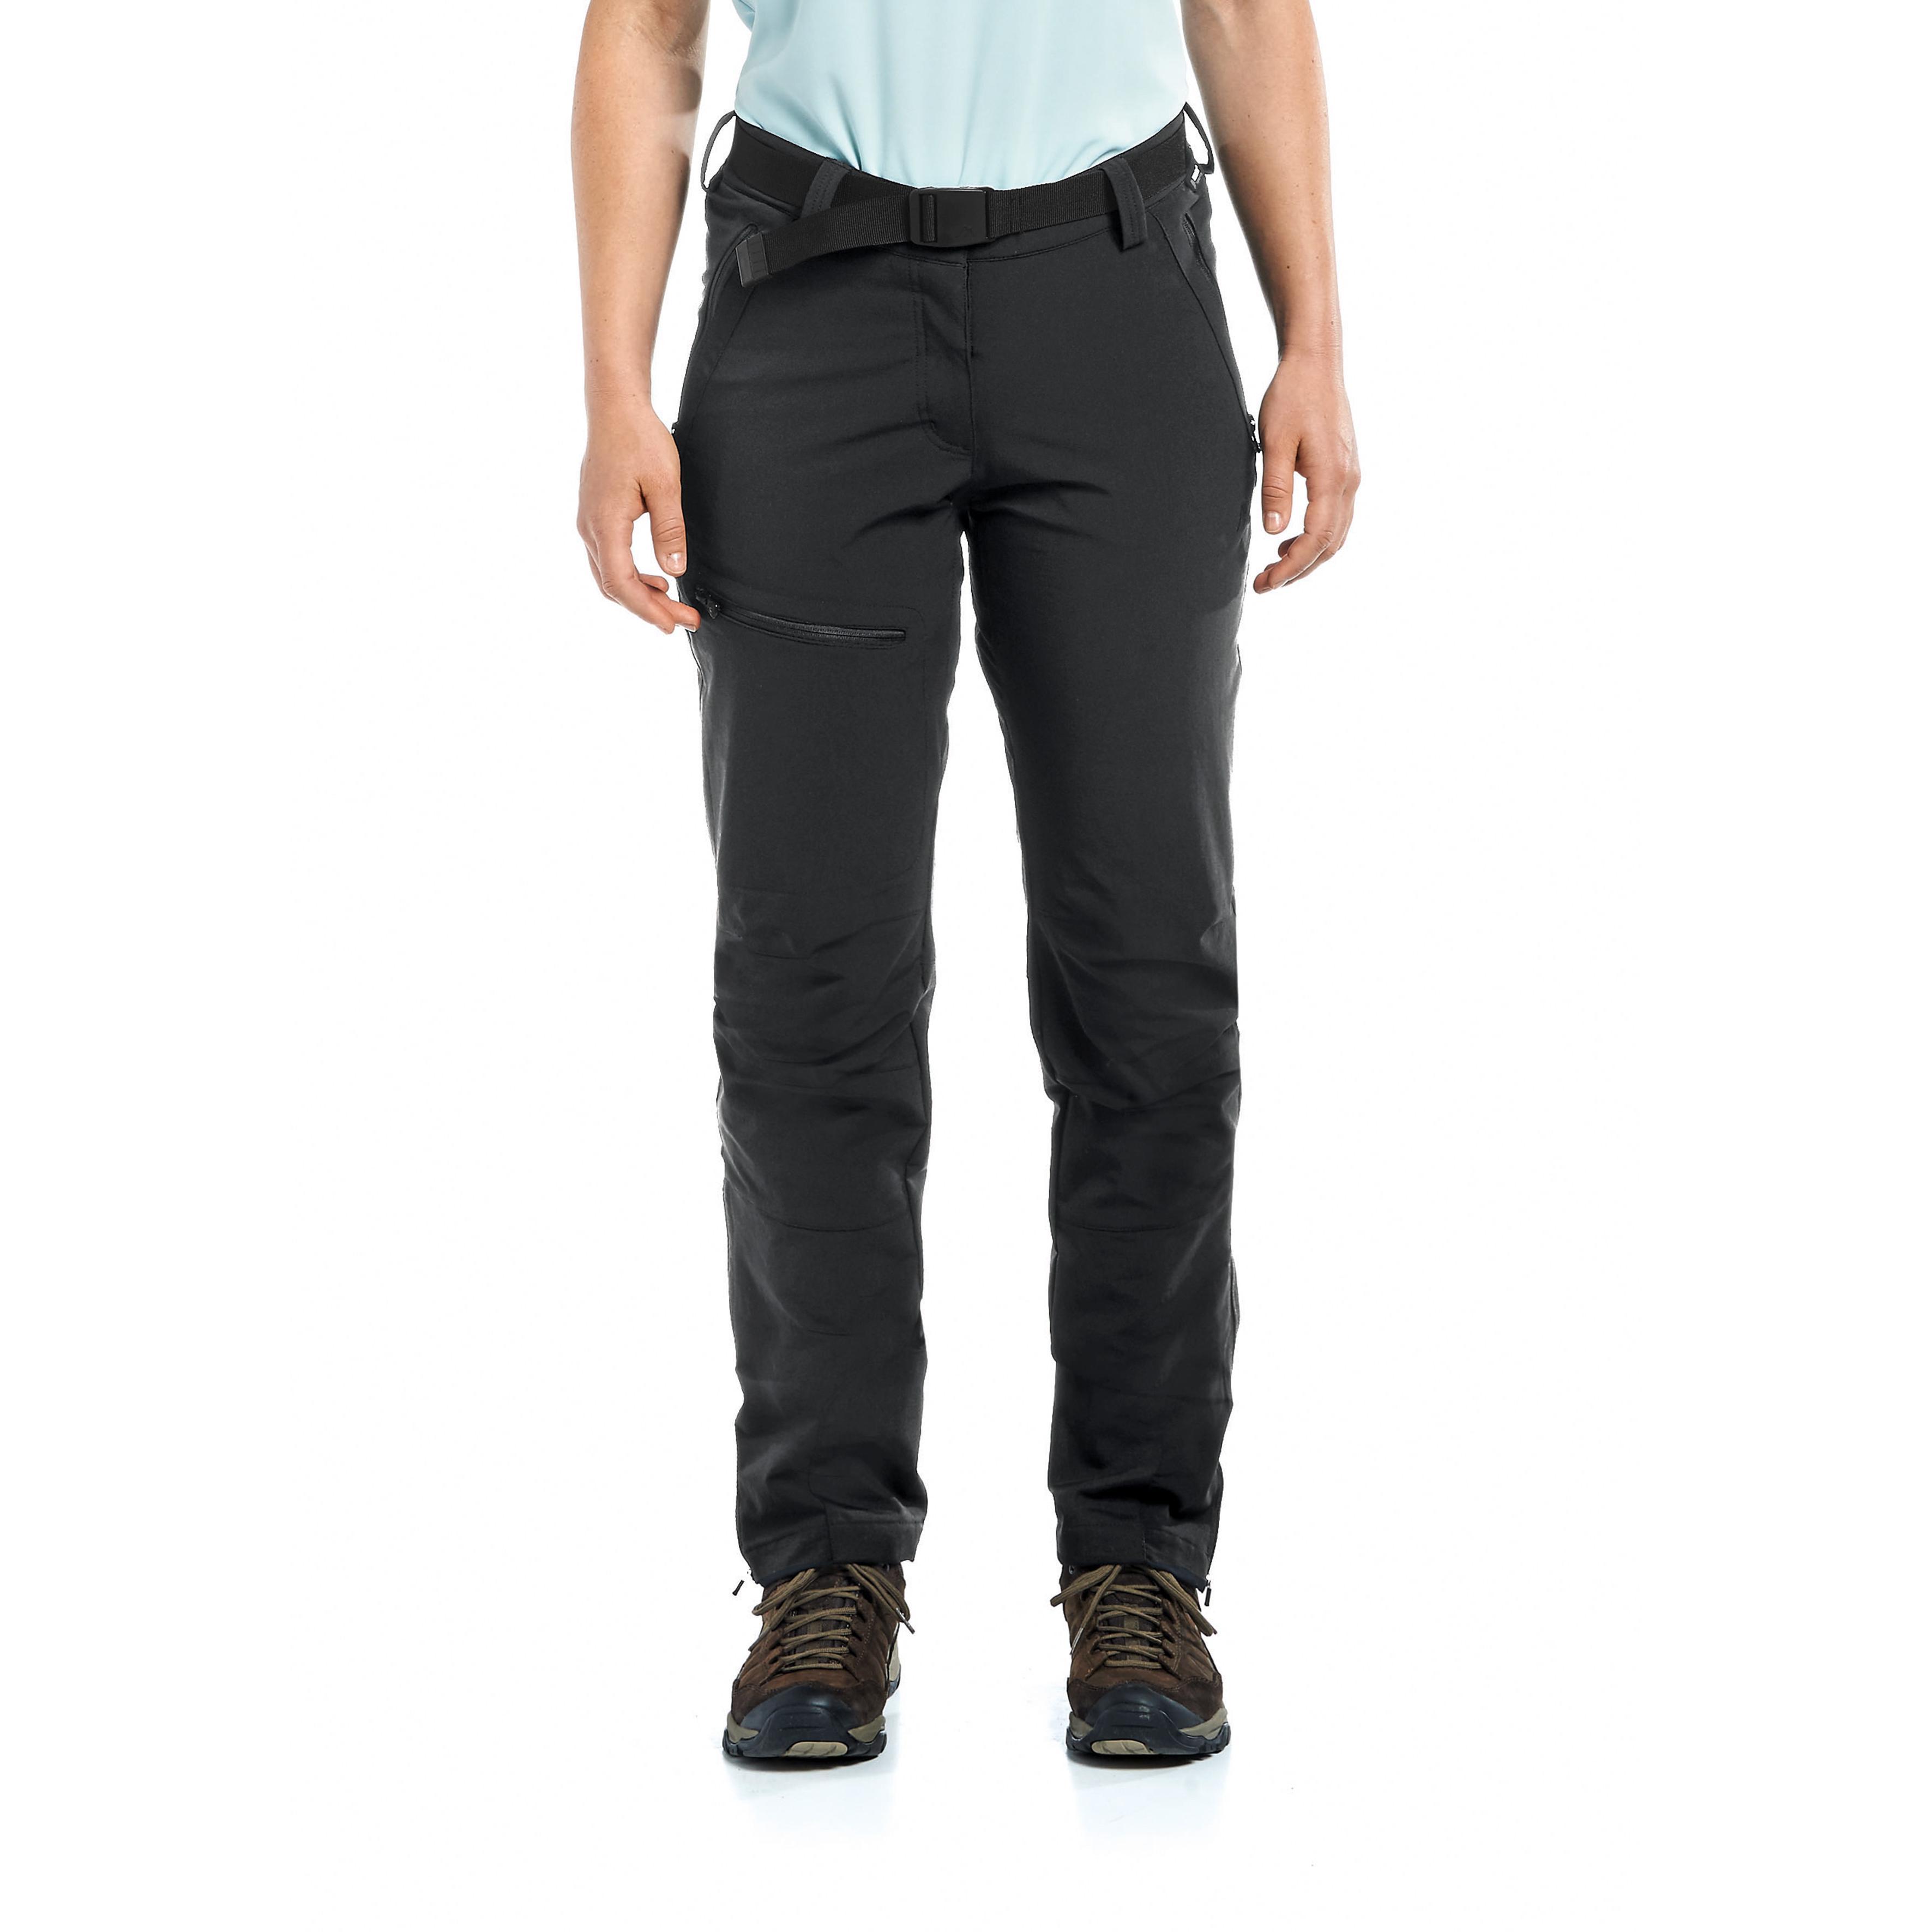 Купить Брюки для активного отдыха MAIER 2016 MS Pants Lana black Одежда туристическая 1255718